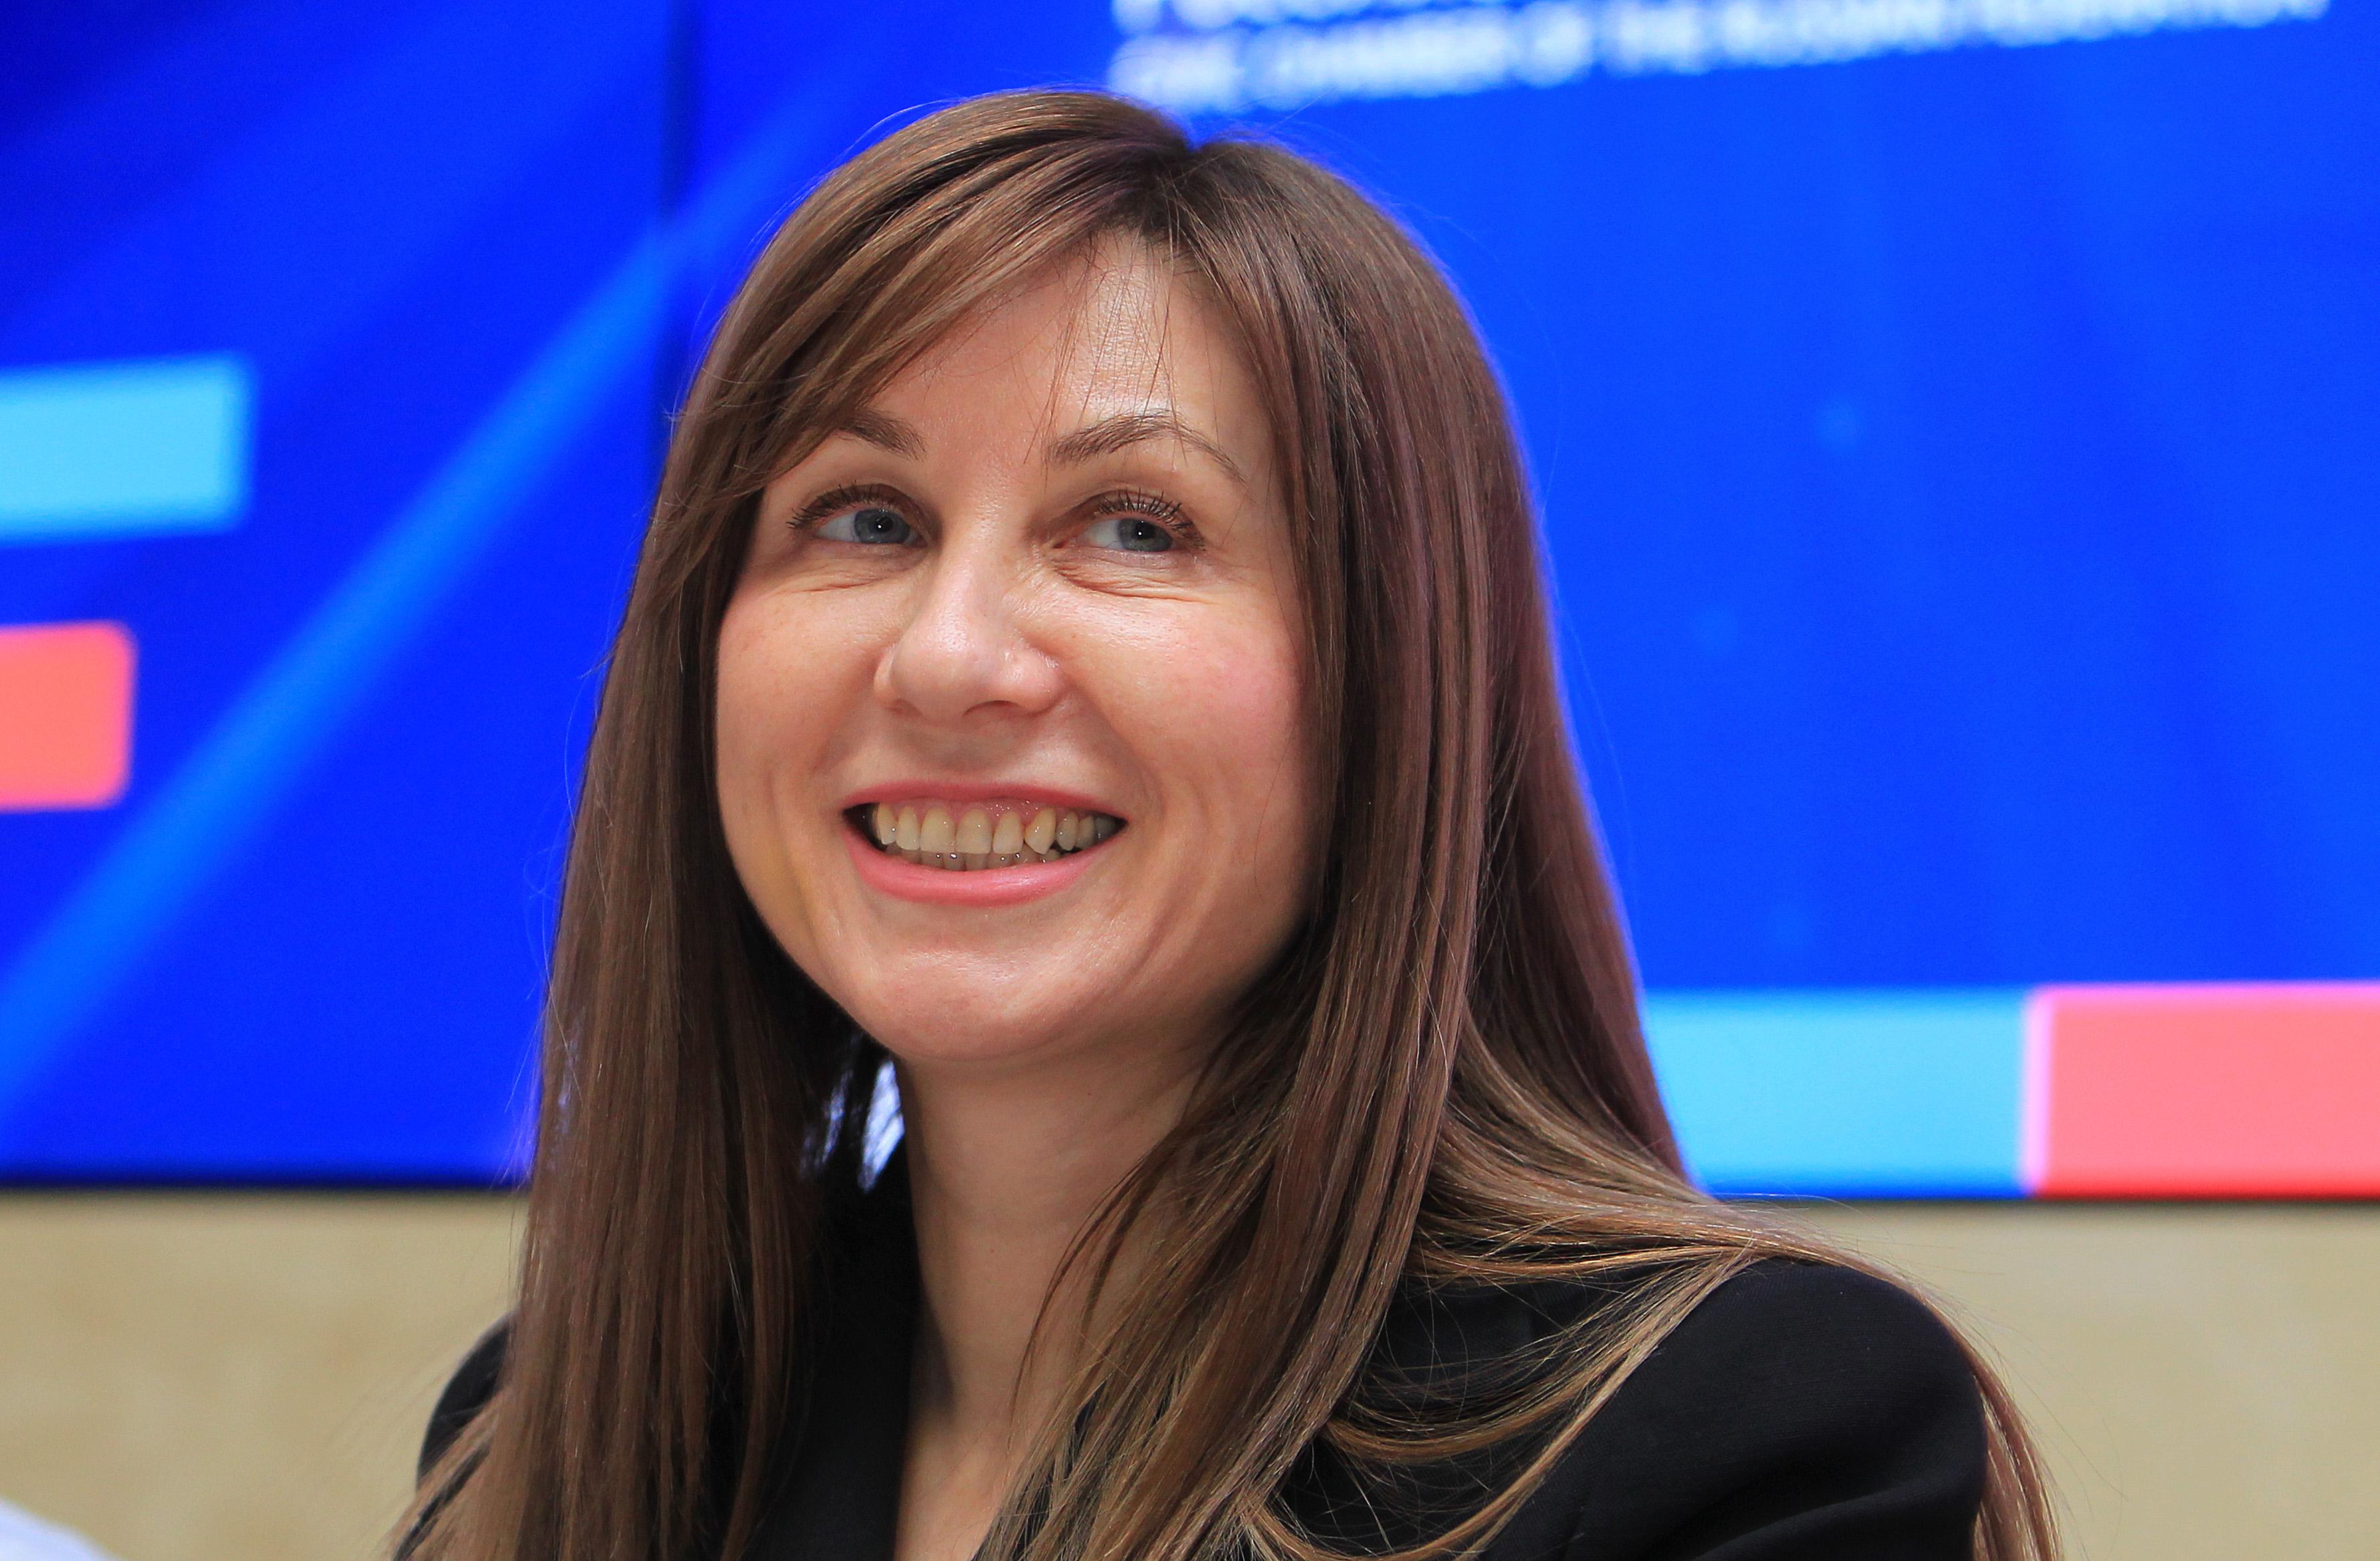 Лариса Картавцева отметила роль санитайзеров в борьбе с распространением COVID-19